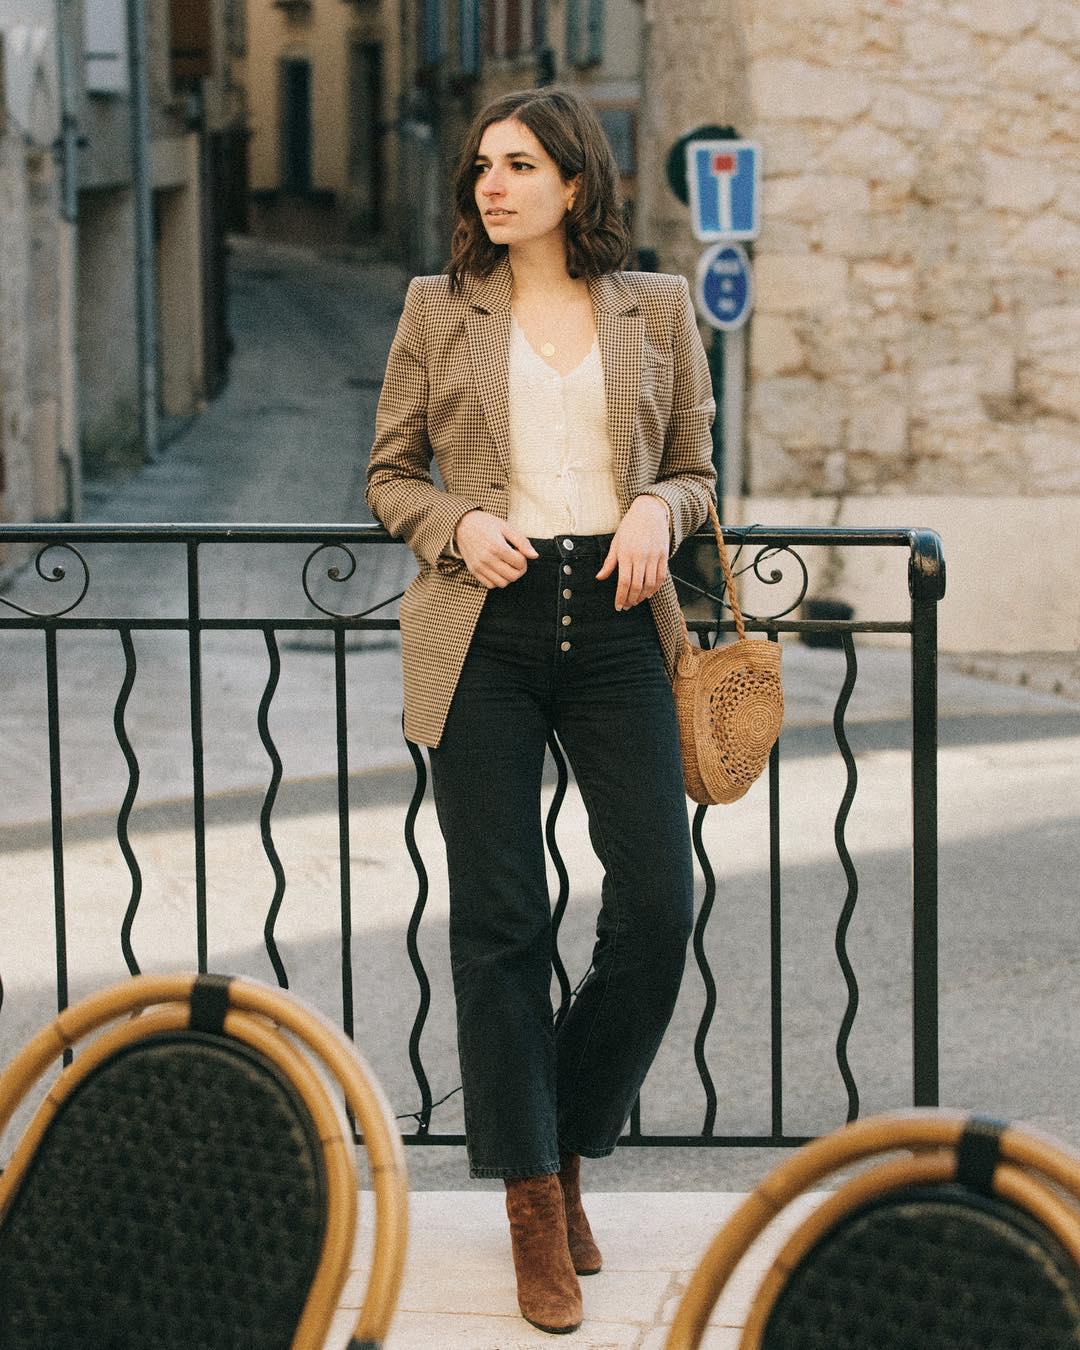 Quý cô người Pháp có style chuẩn nàng thơ: Không thể sống thiếu váy quấn, diện đồ 'hoa lá hẹ' mà vẫn rất mực tinh tế - Ảnh 17